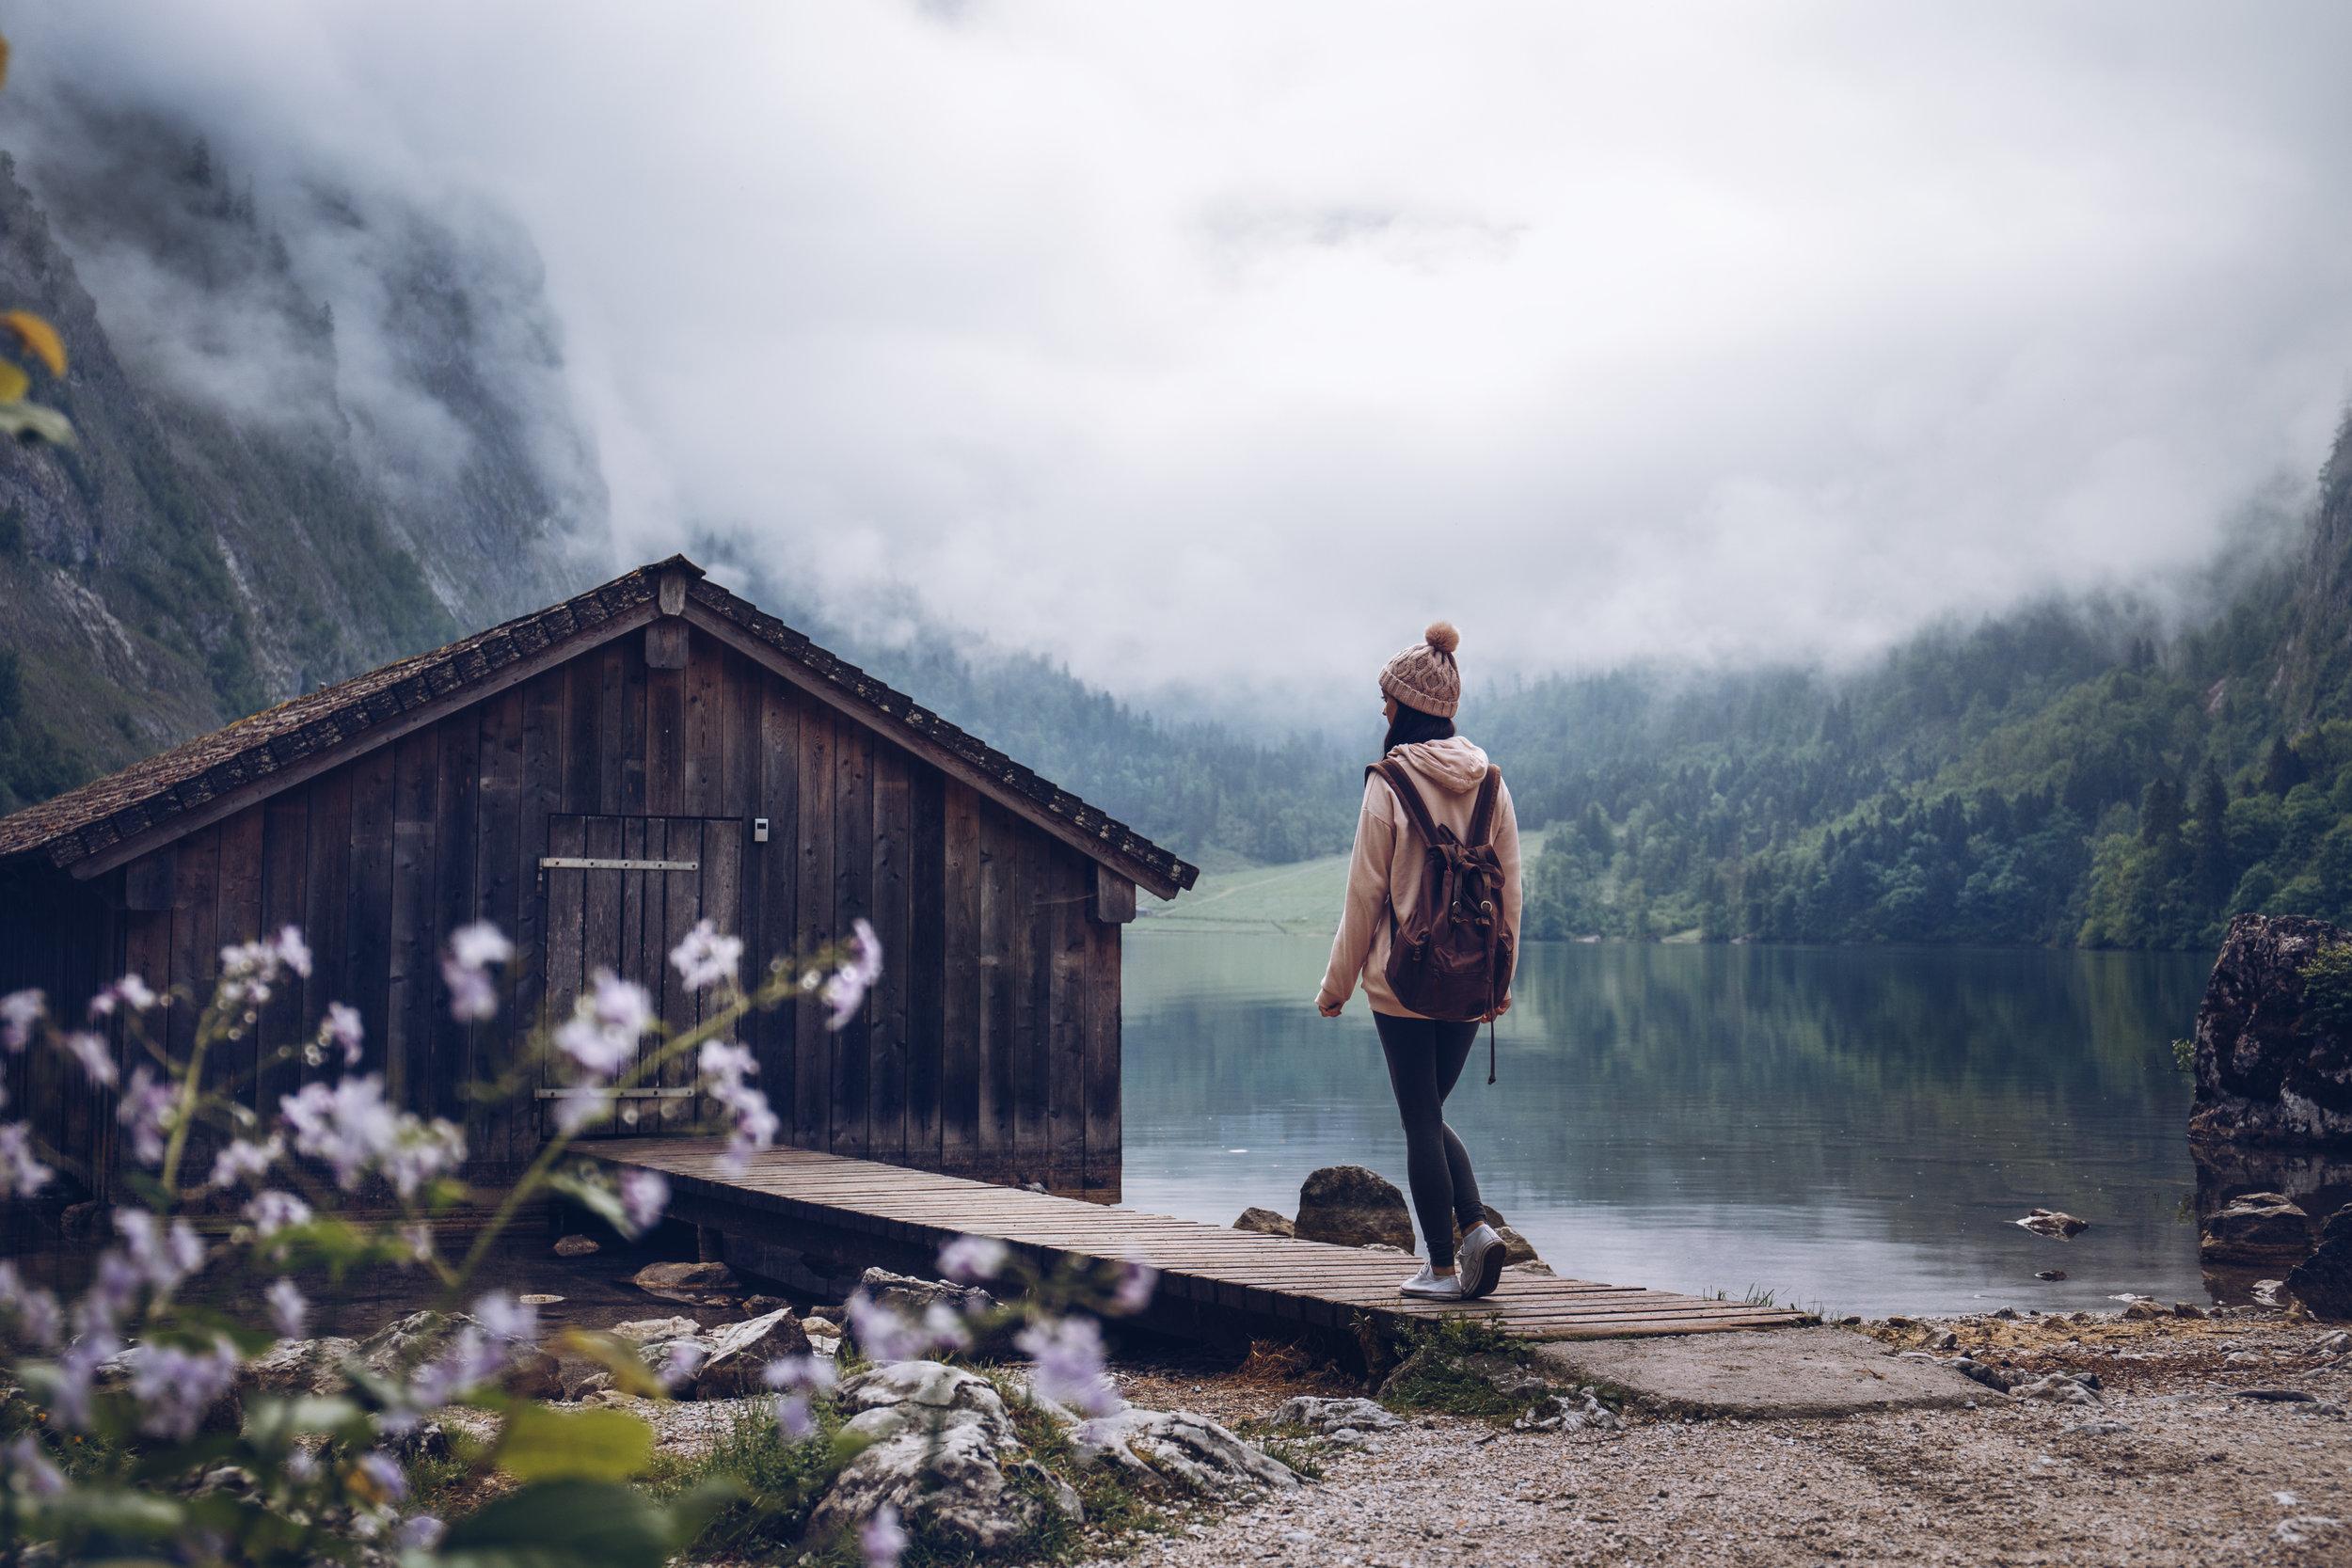 JJenniferSpurkFotografie - Berchtesgaden -Berghütte am Obersee